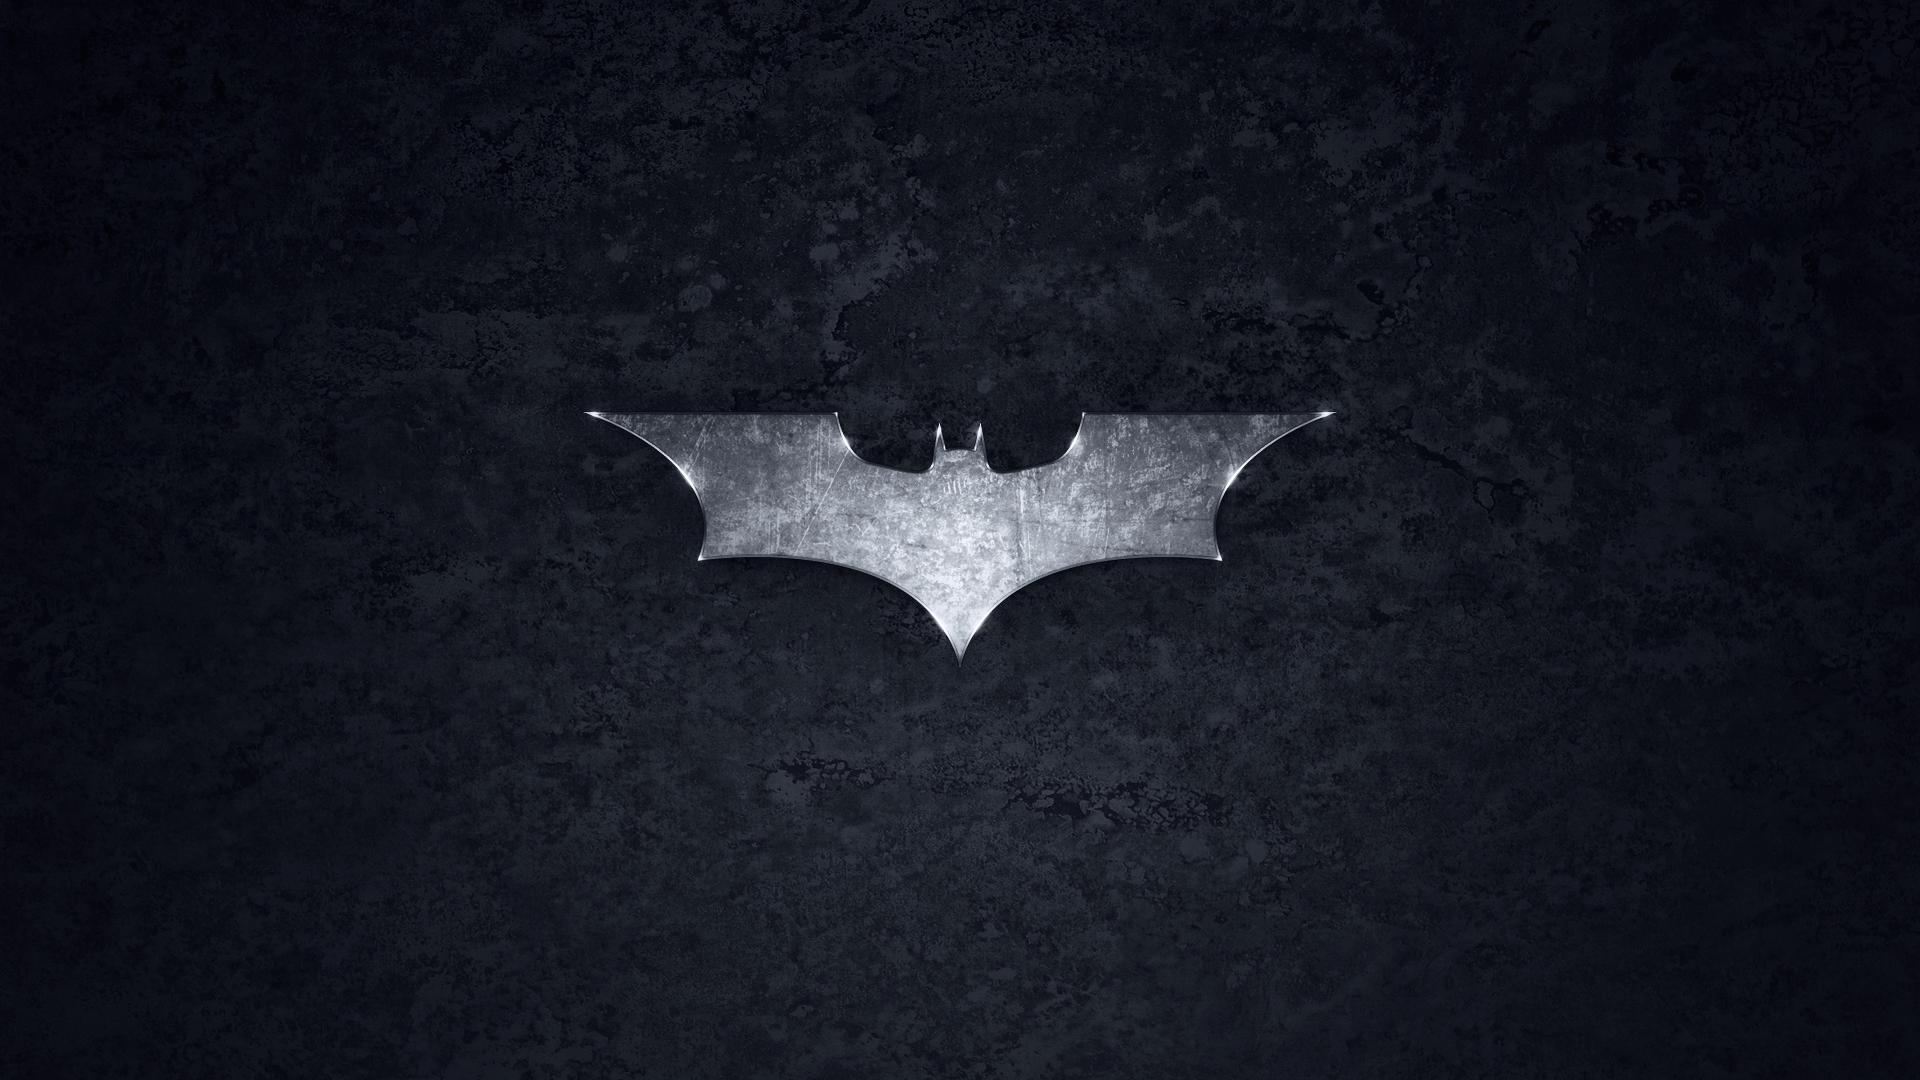 batman minimalistic full hd wallpaper full hd wallpapers download